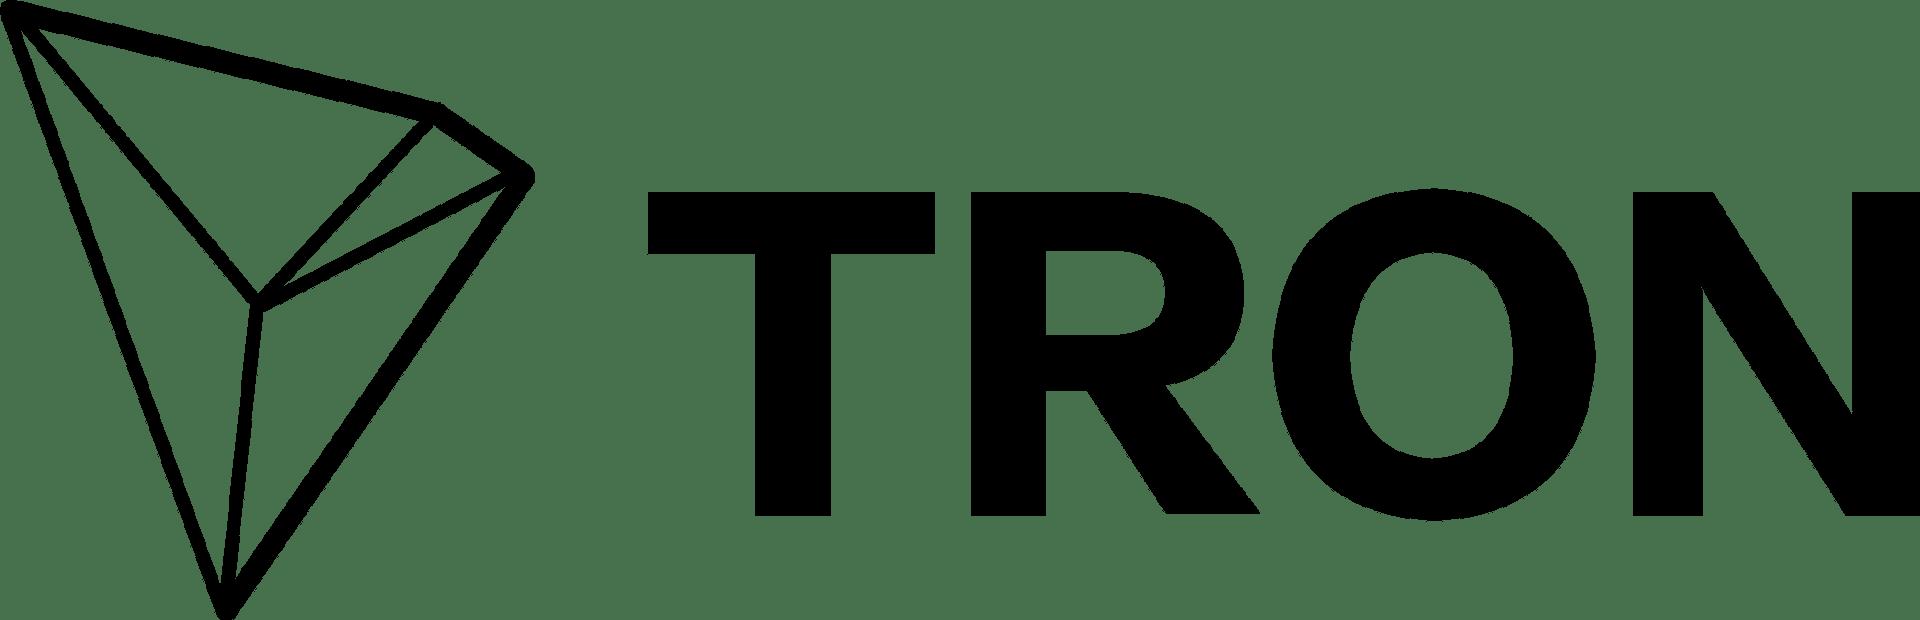 Tron Logo (TRX) png